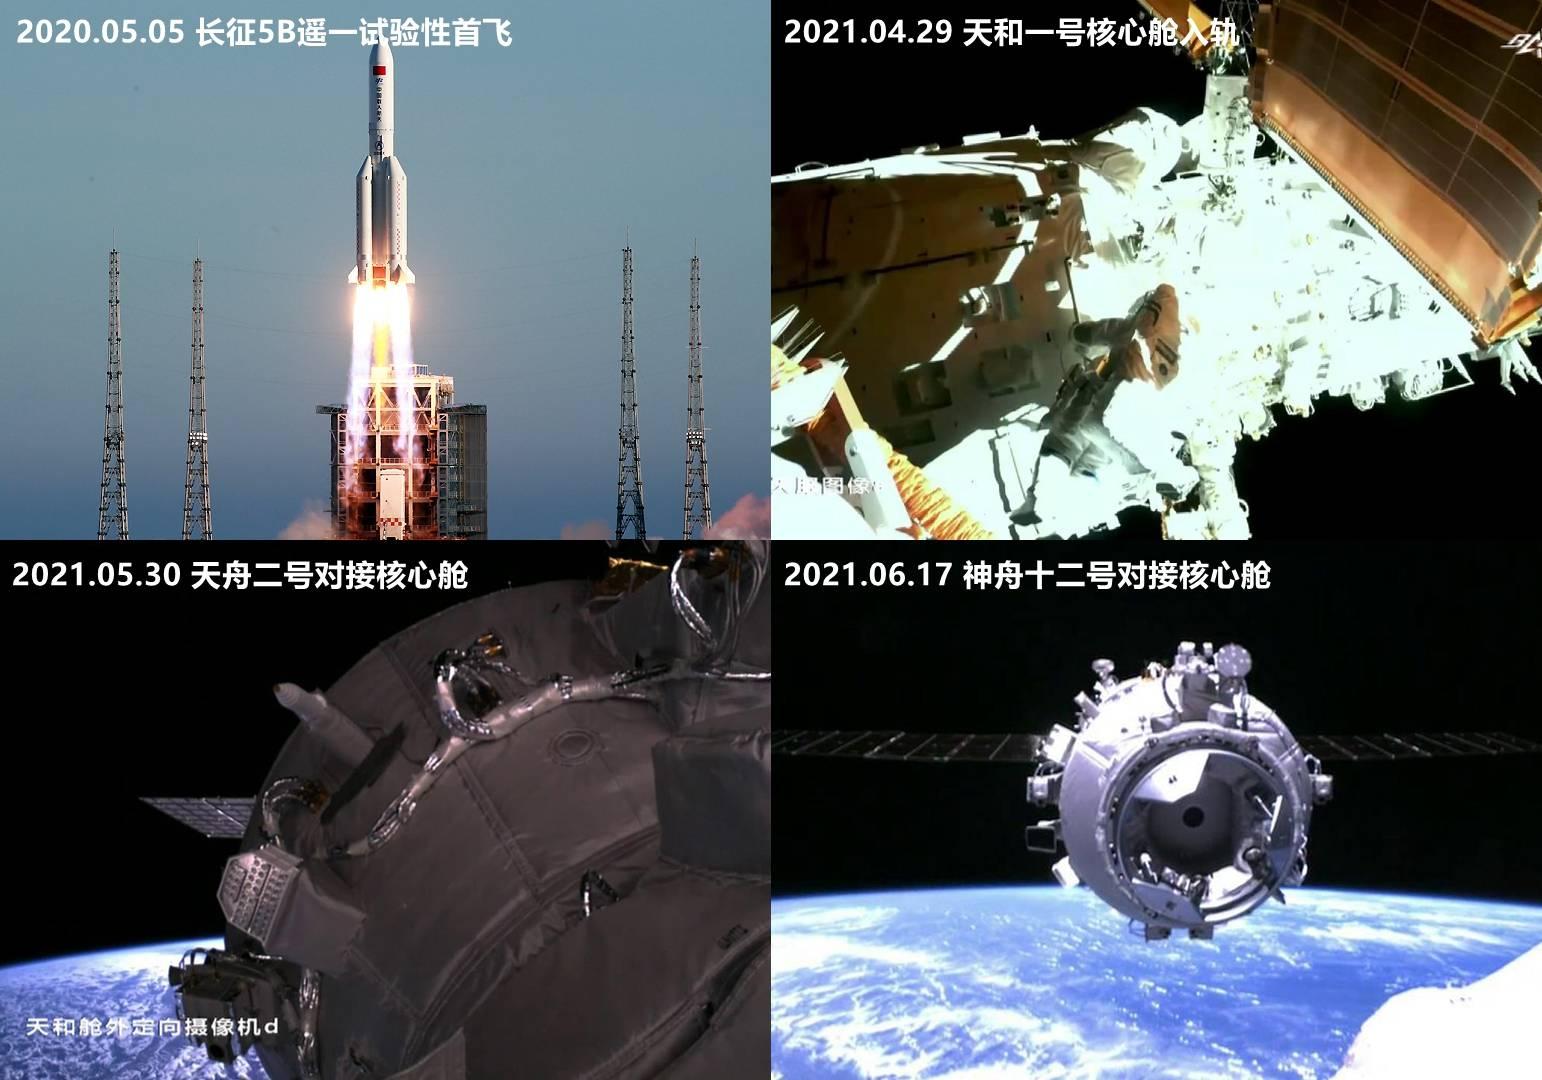 核心 天宫空间站后续建造流程公开,各种构型轮番上阵,犹如变形金刚